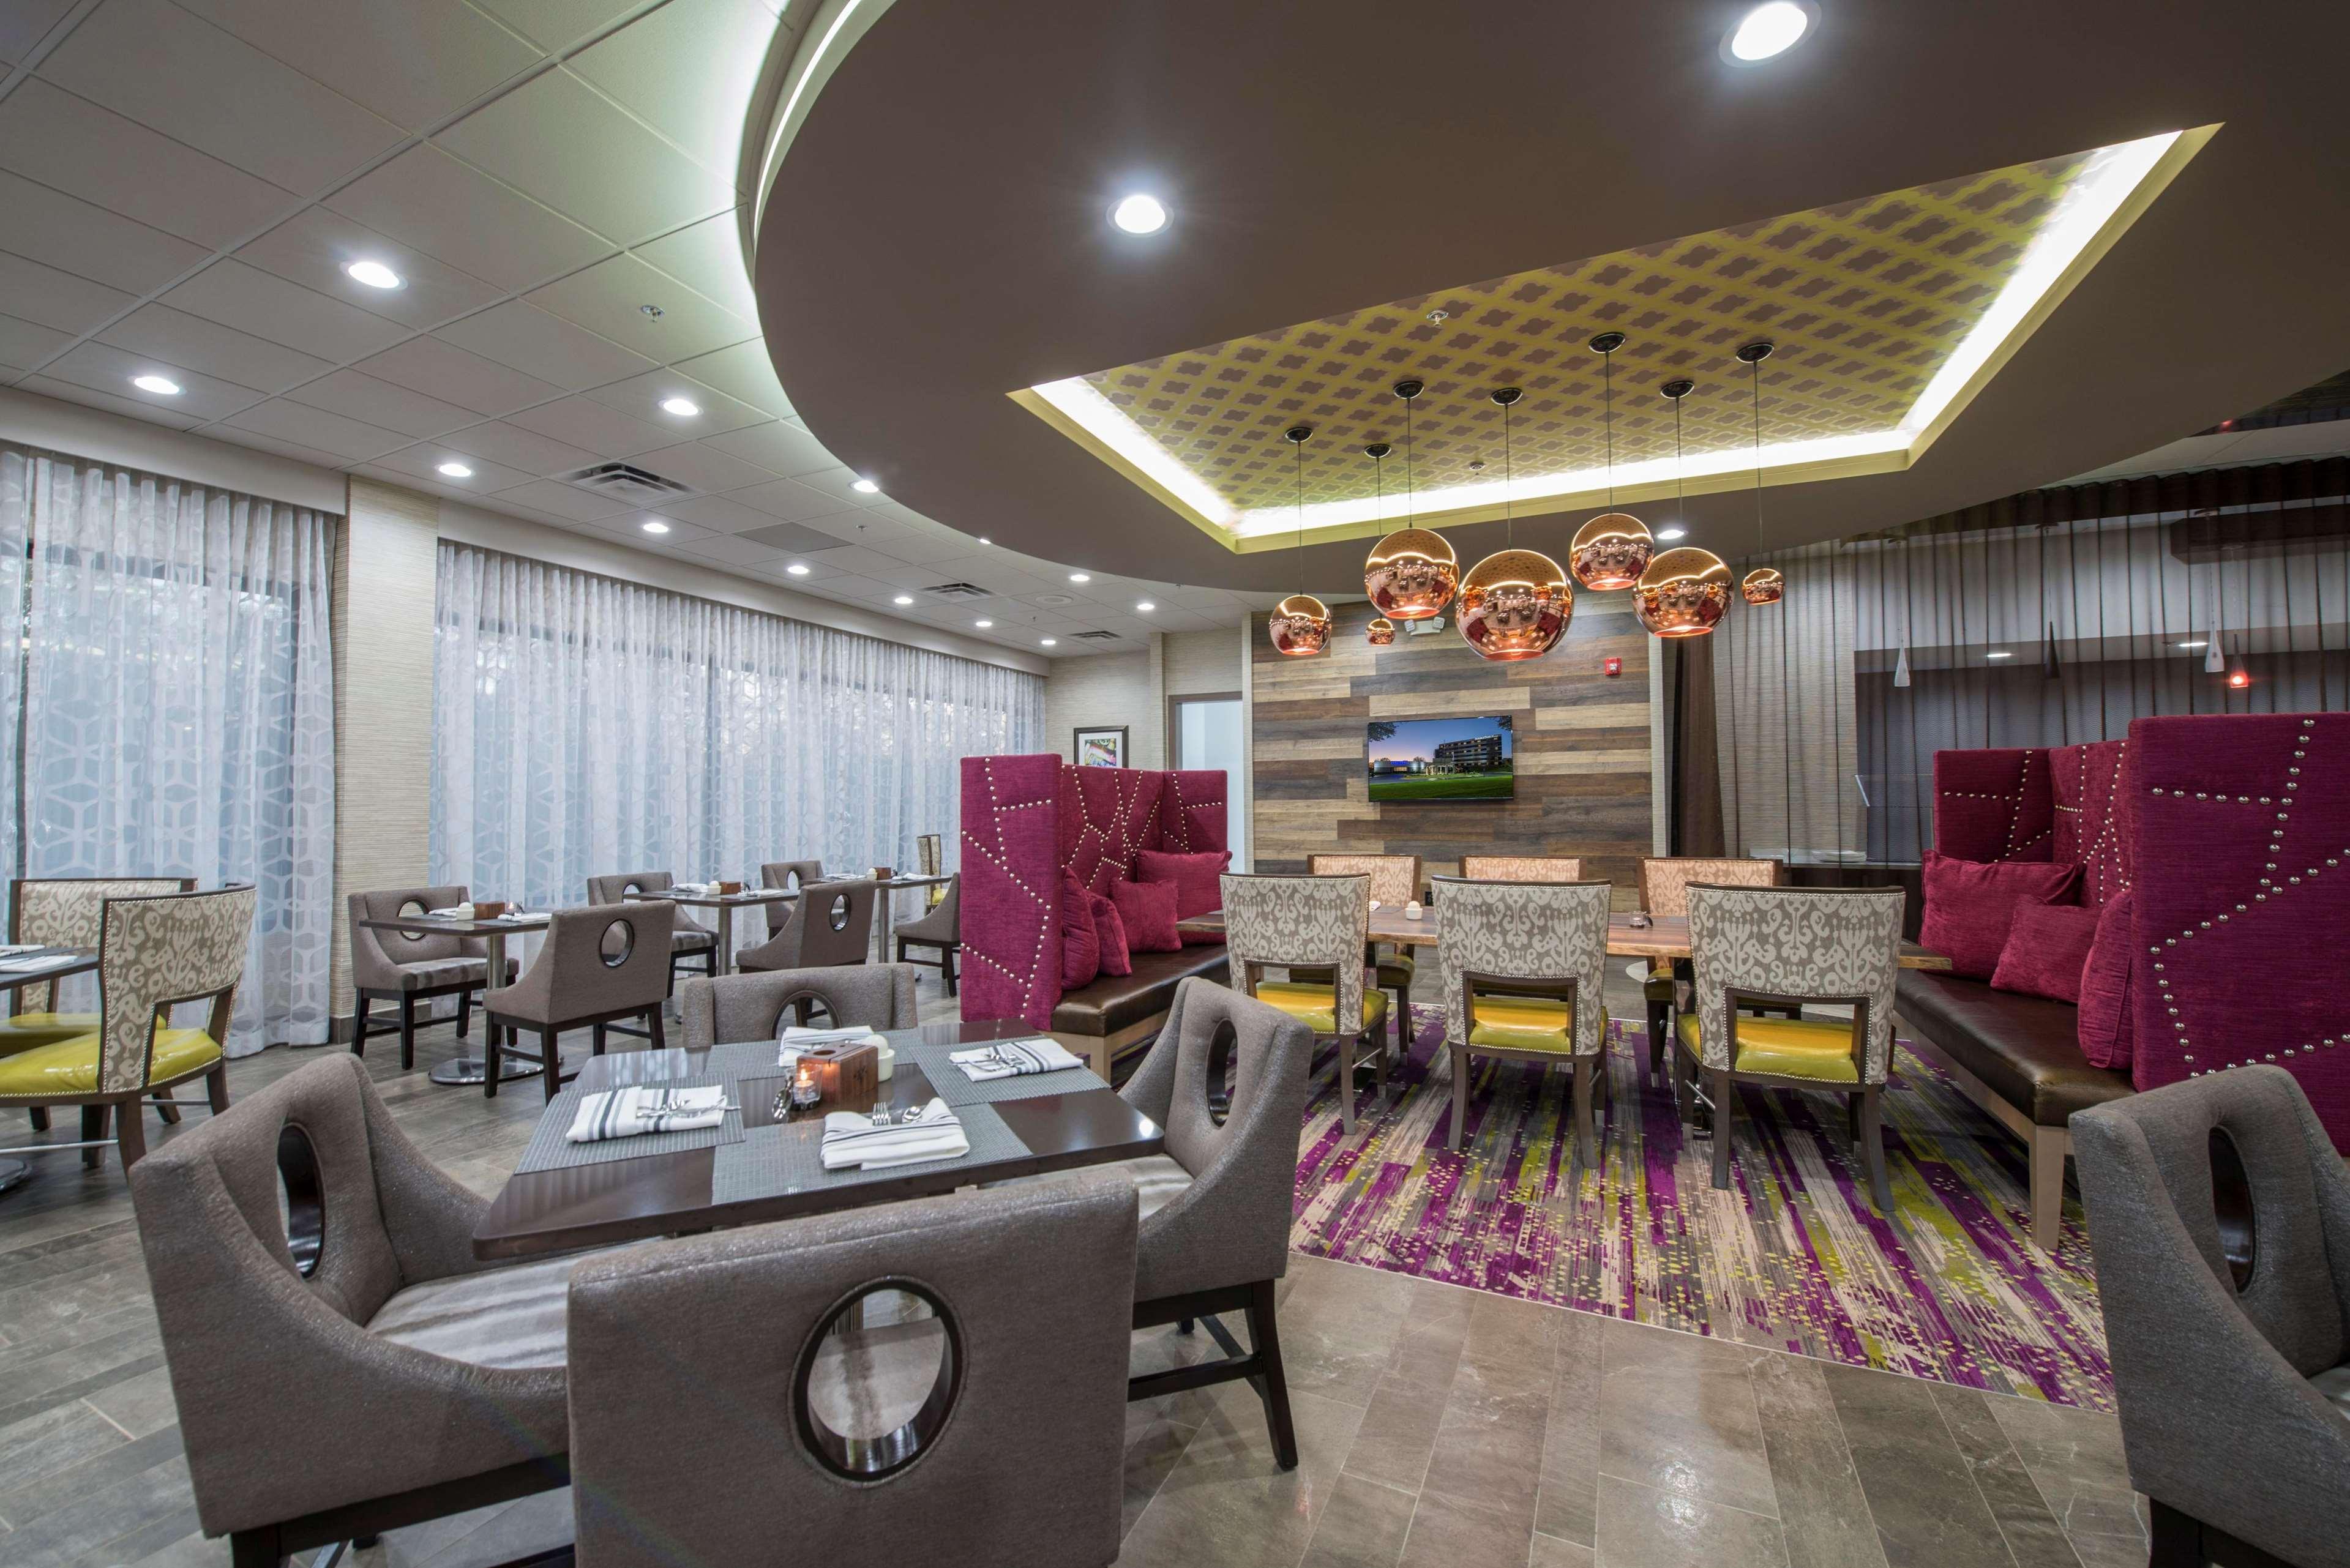 DoubleTree by Hilton Hotel Winston Salem - University image 14